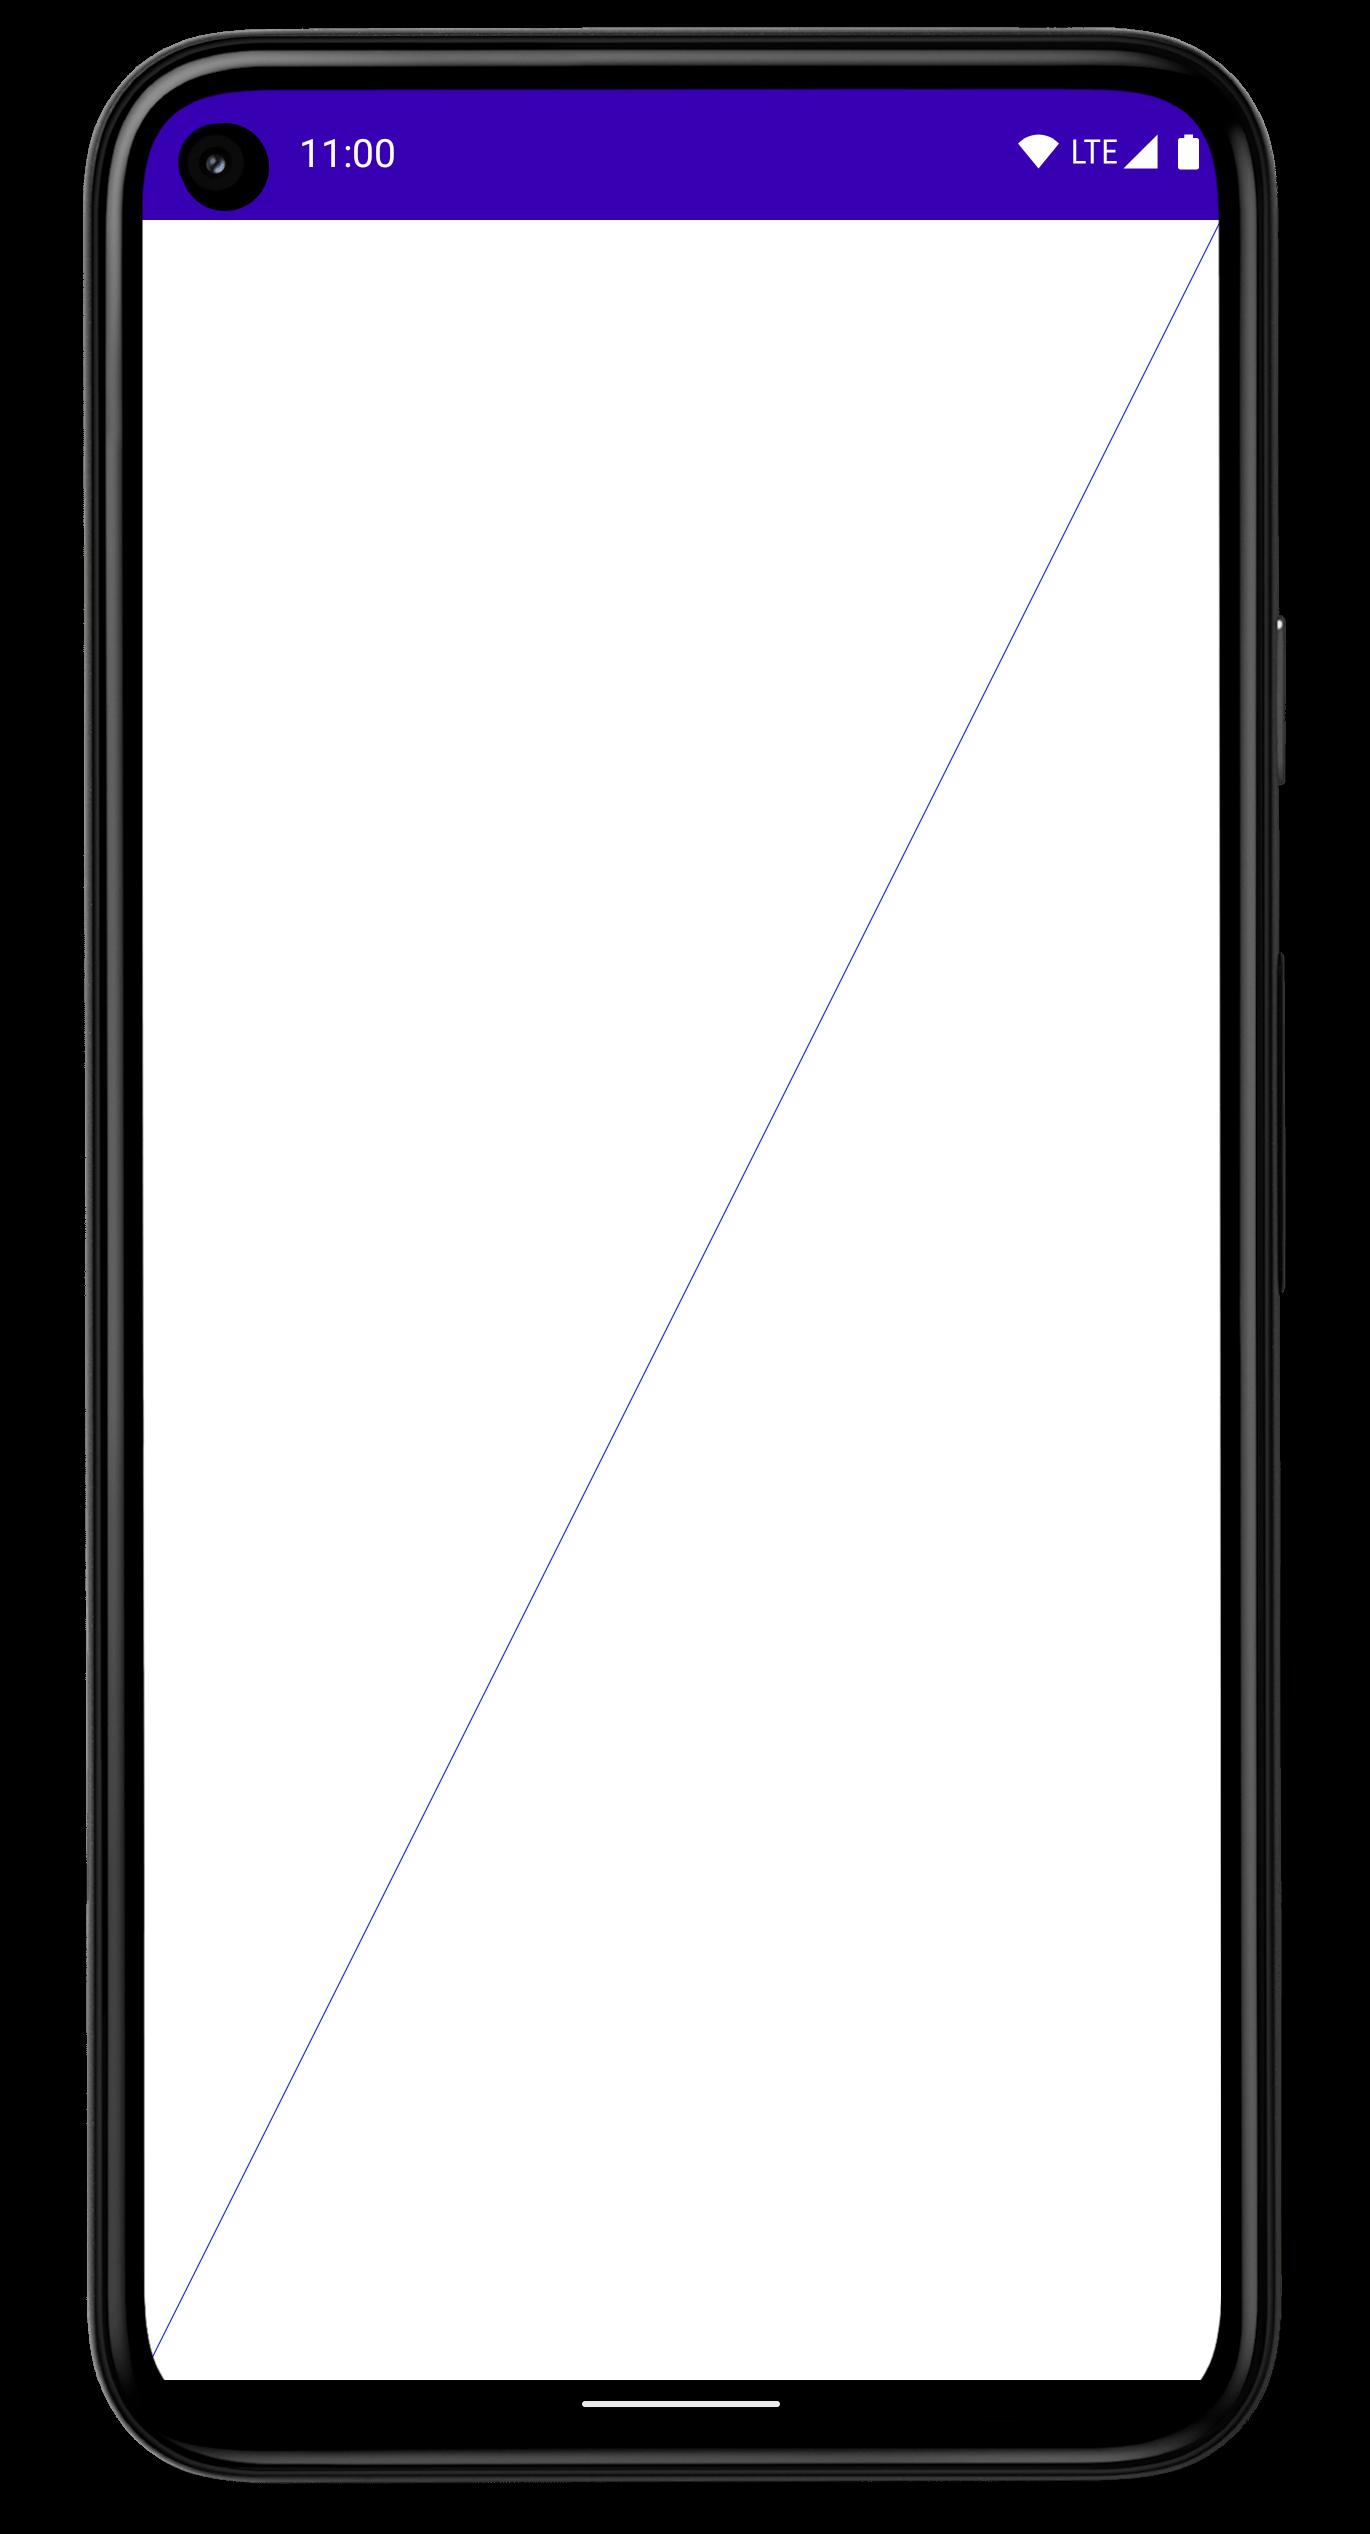 画面全体に細い斜線が描かれたスマートフォン。